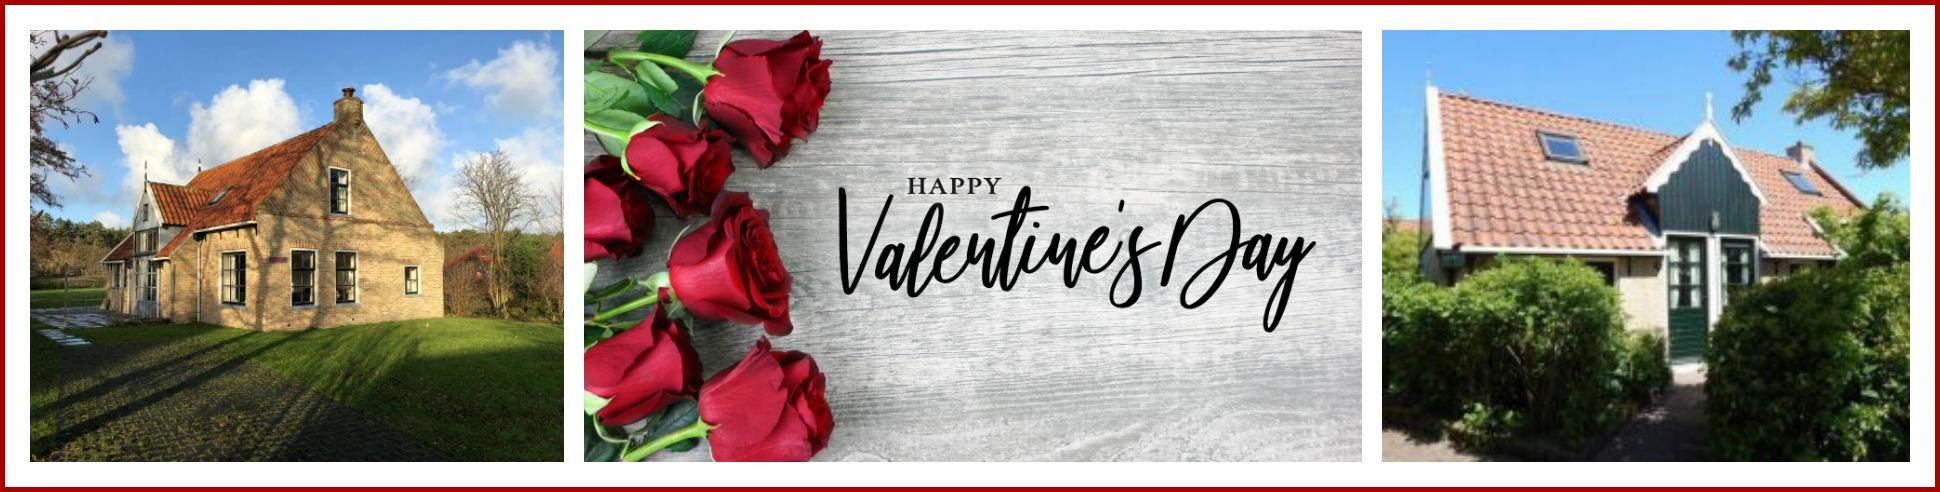 Valentijnsdag op Terschelling - Boerderijen - Hallo Terschelling